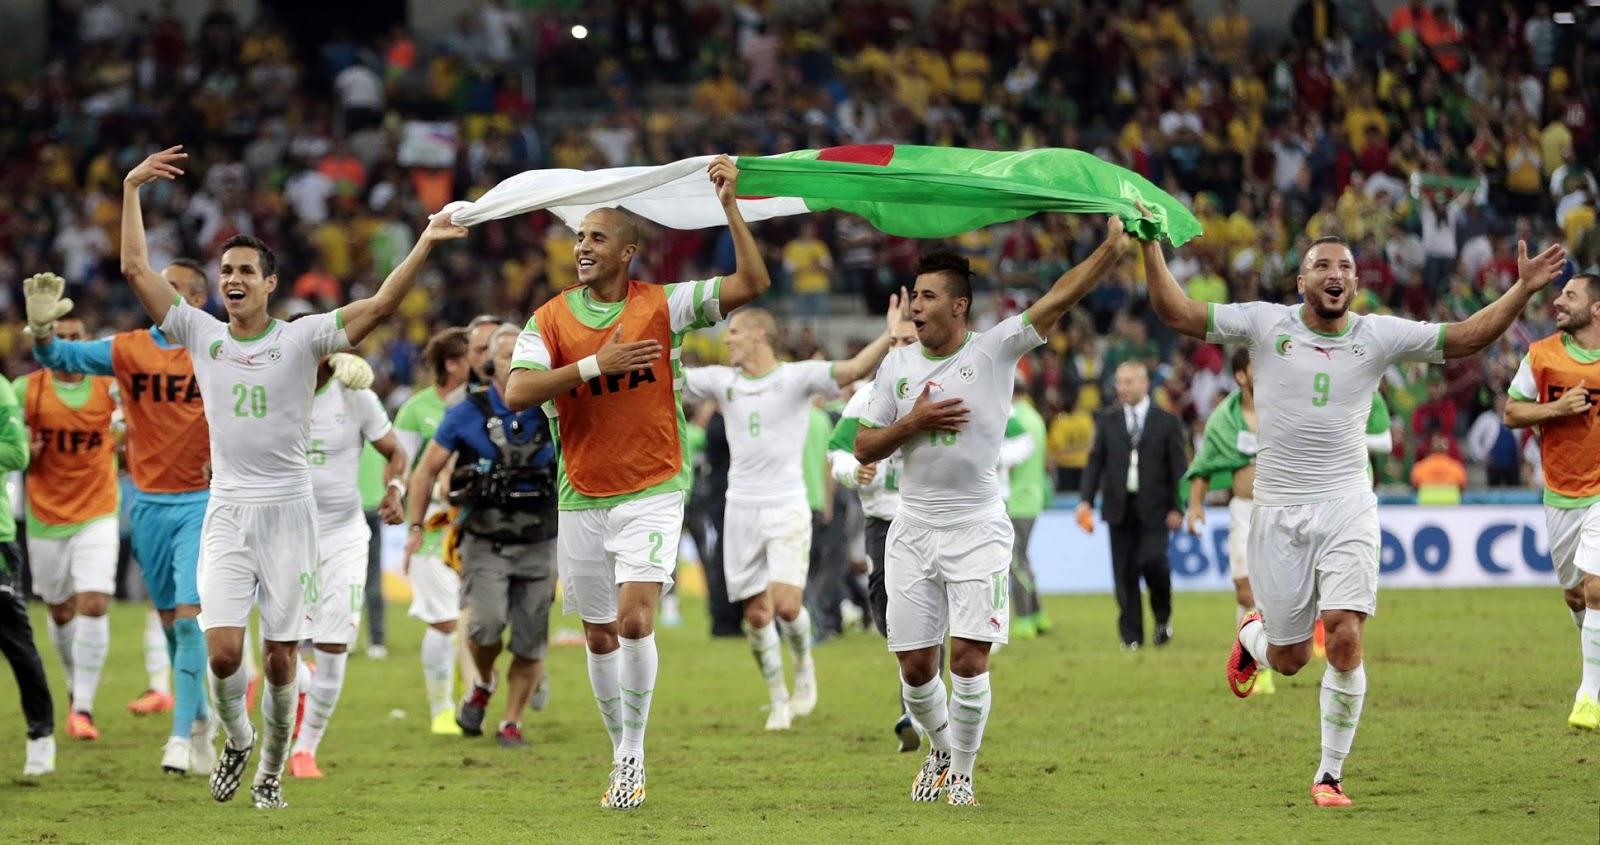 بالصور صور المنتخب الوطني الجزائري , اجمل شعارات المنتخب الوطنى الجزائري 2914 1